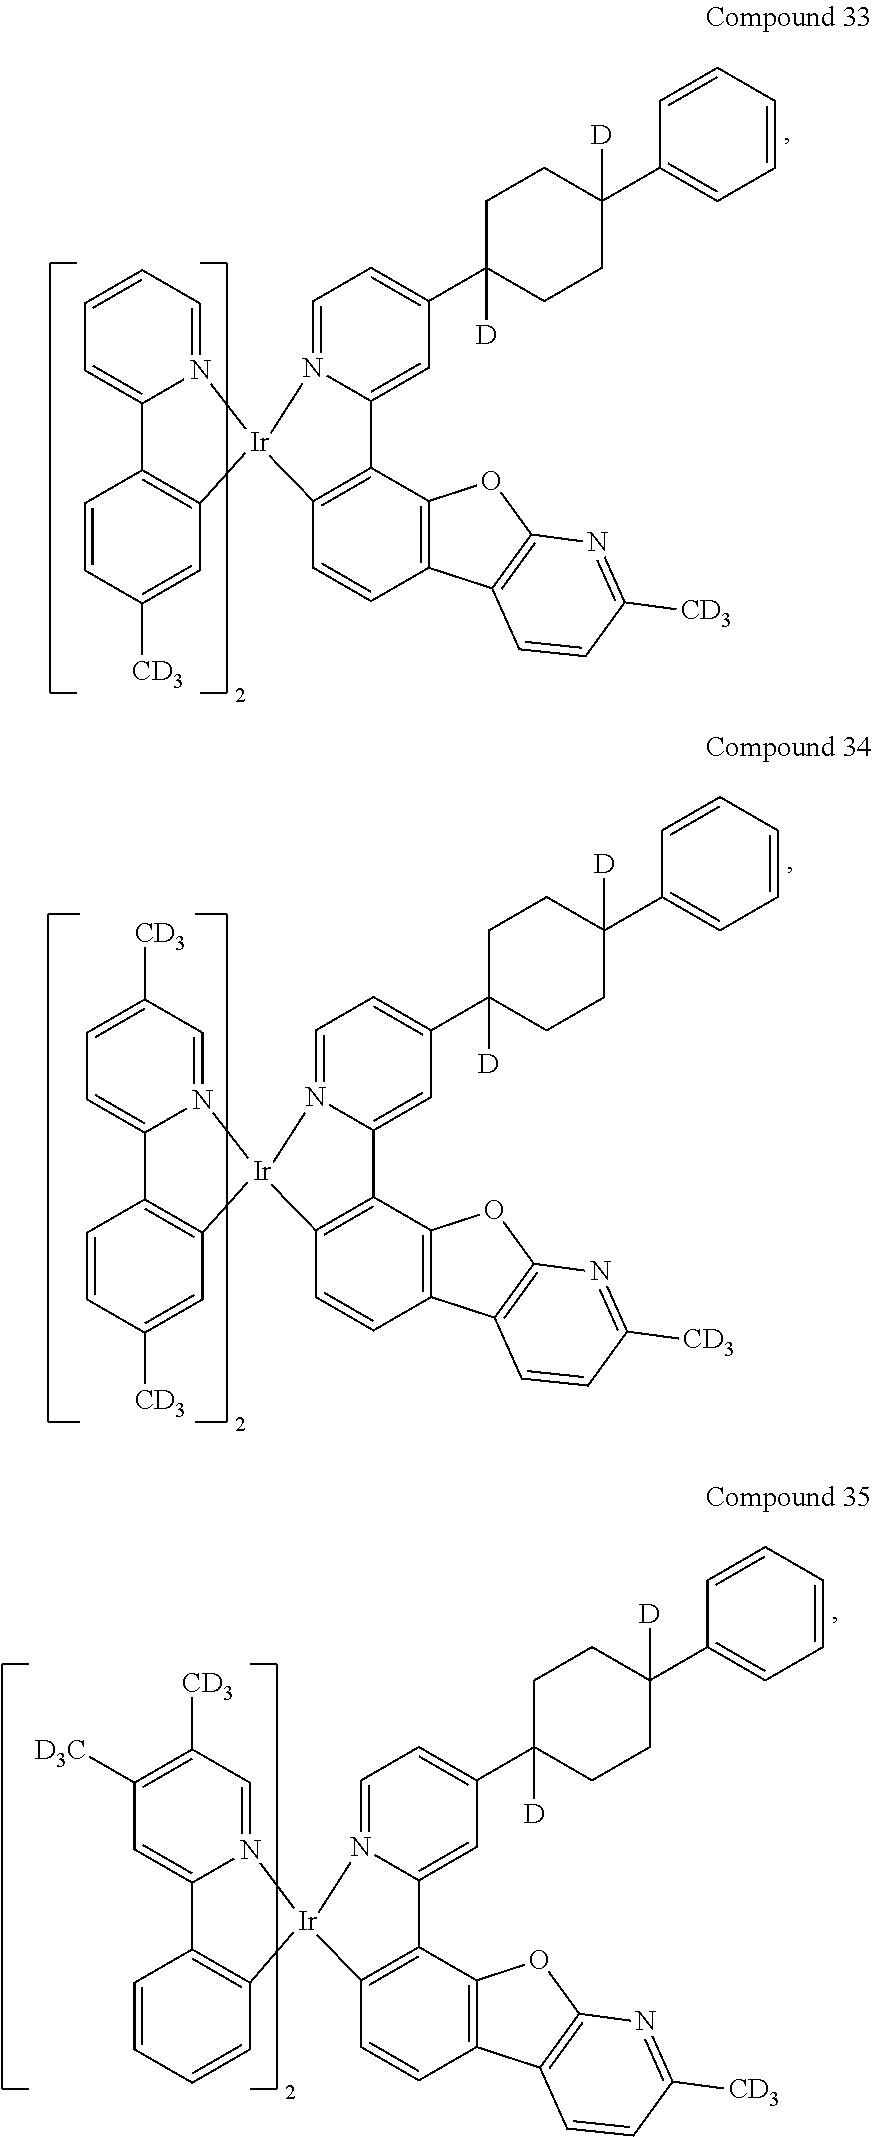 Figure US20180076393A1-20180315-C00032